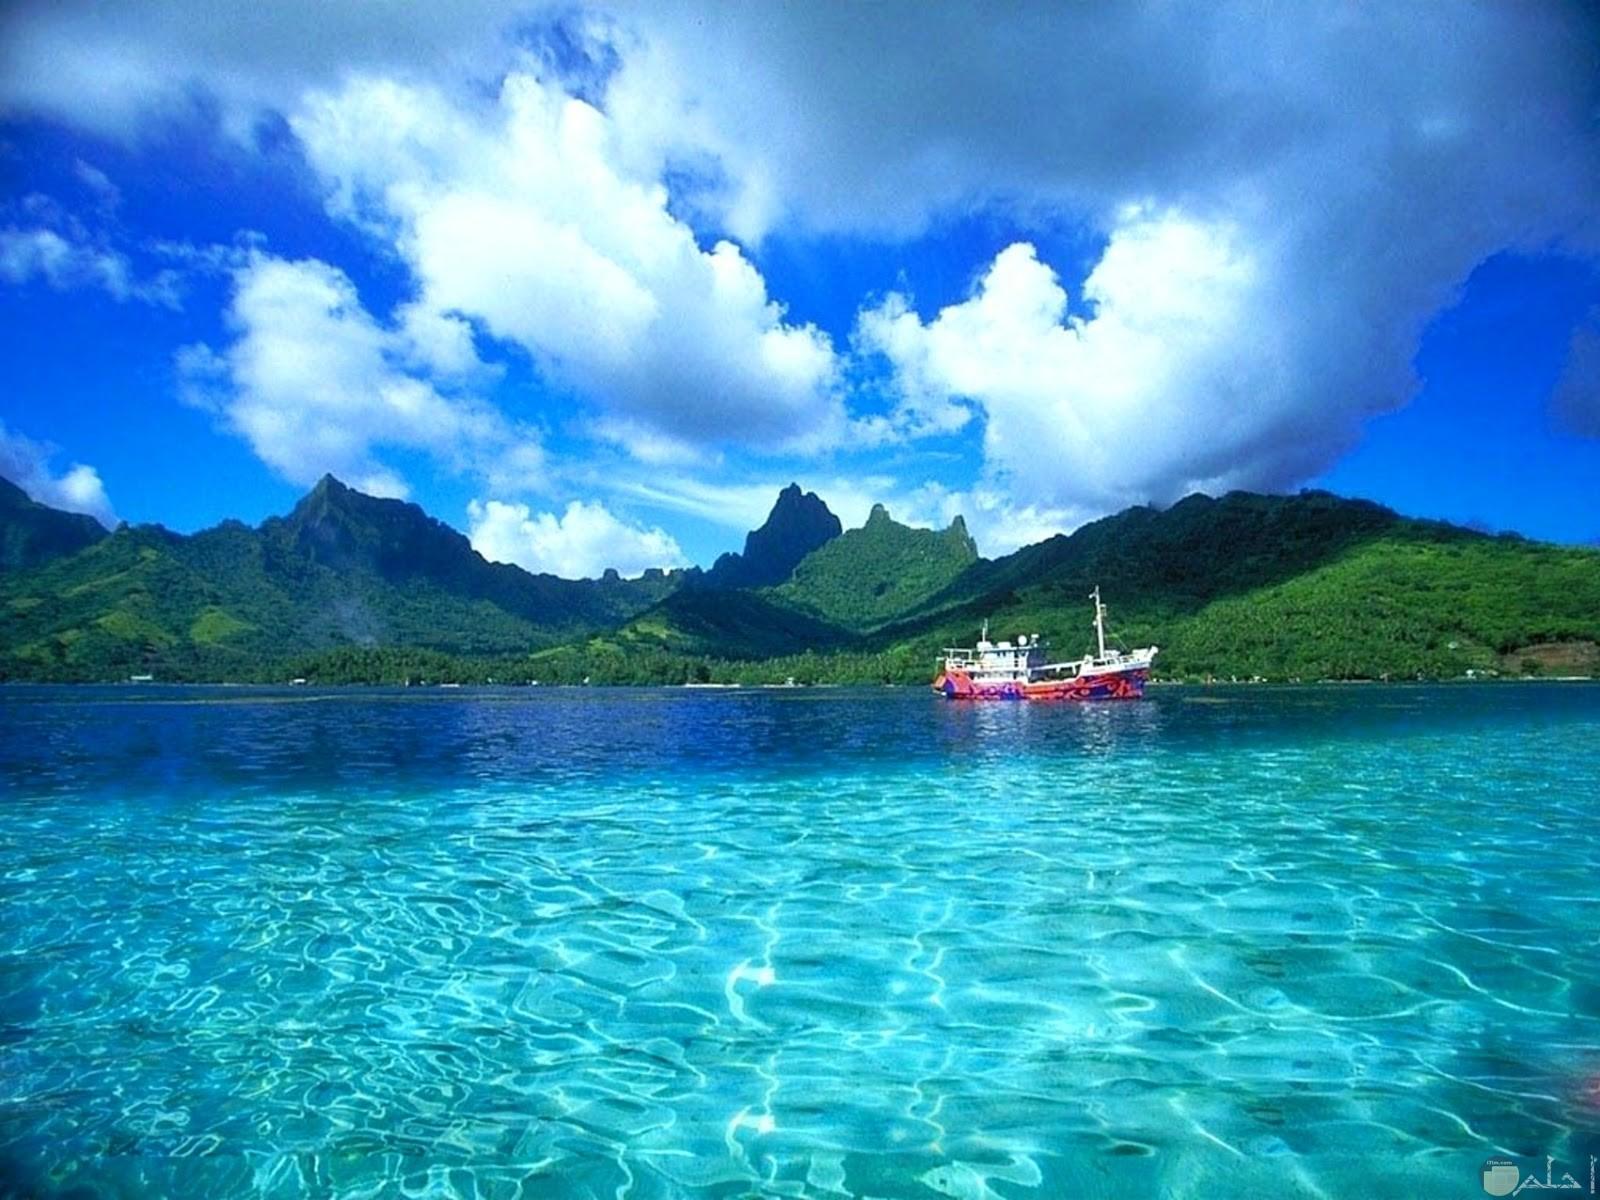 بحر له مياه صافية شفافة جميلة و جبال جزيرة تظهر من بعيد.